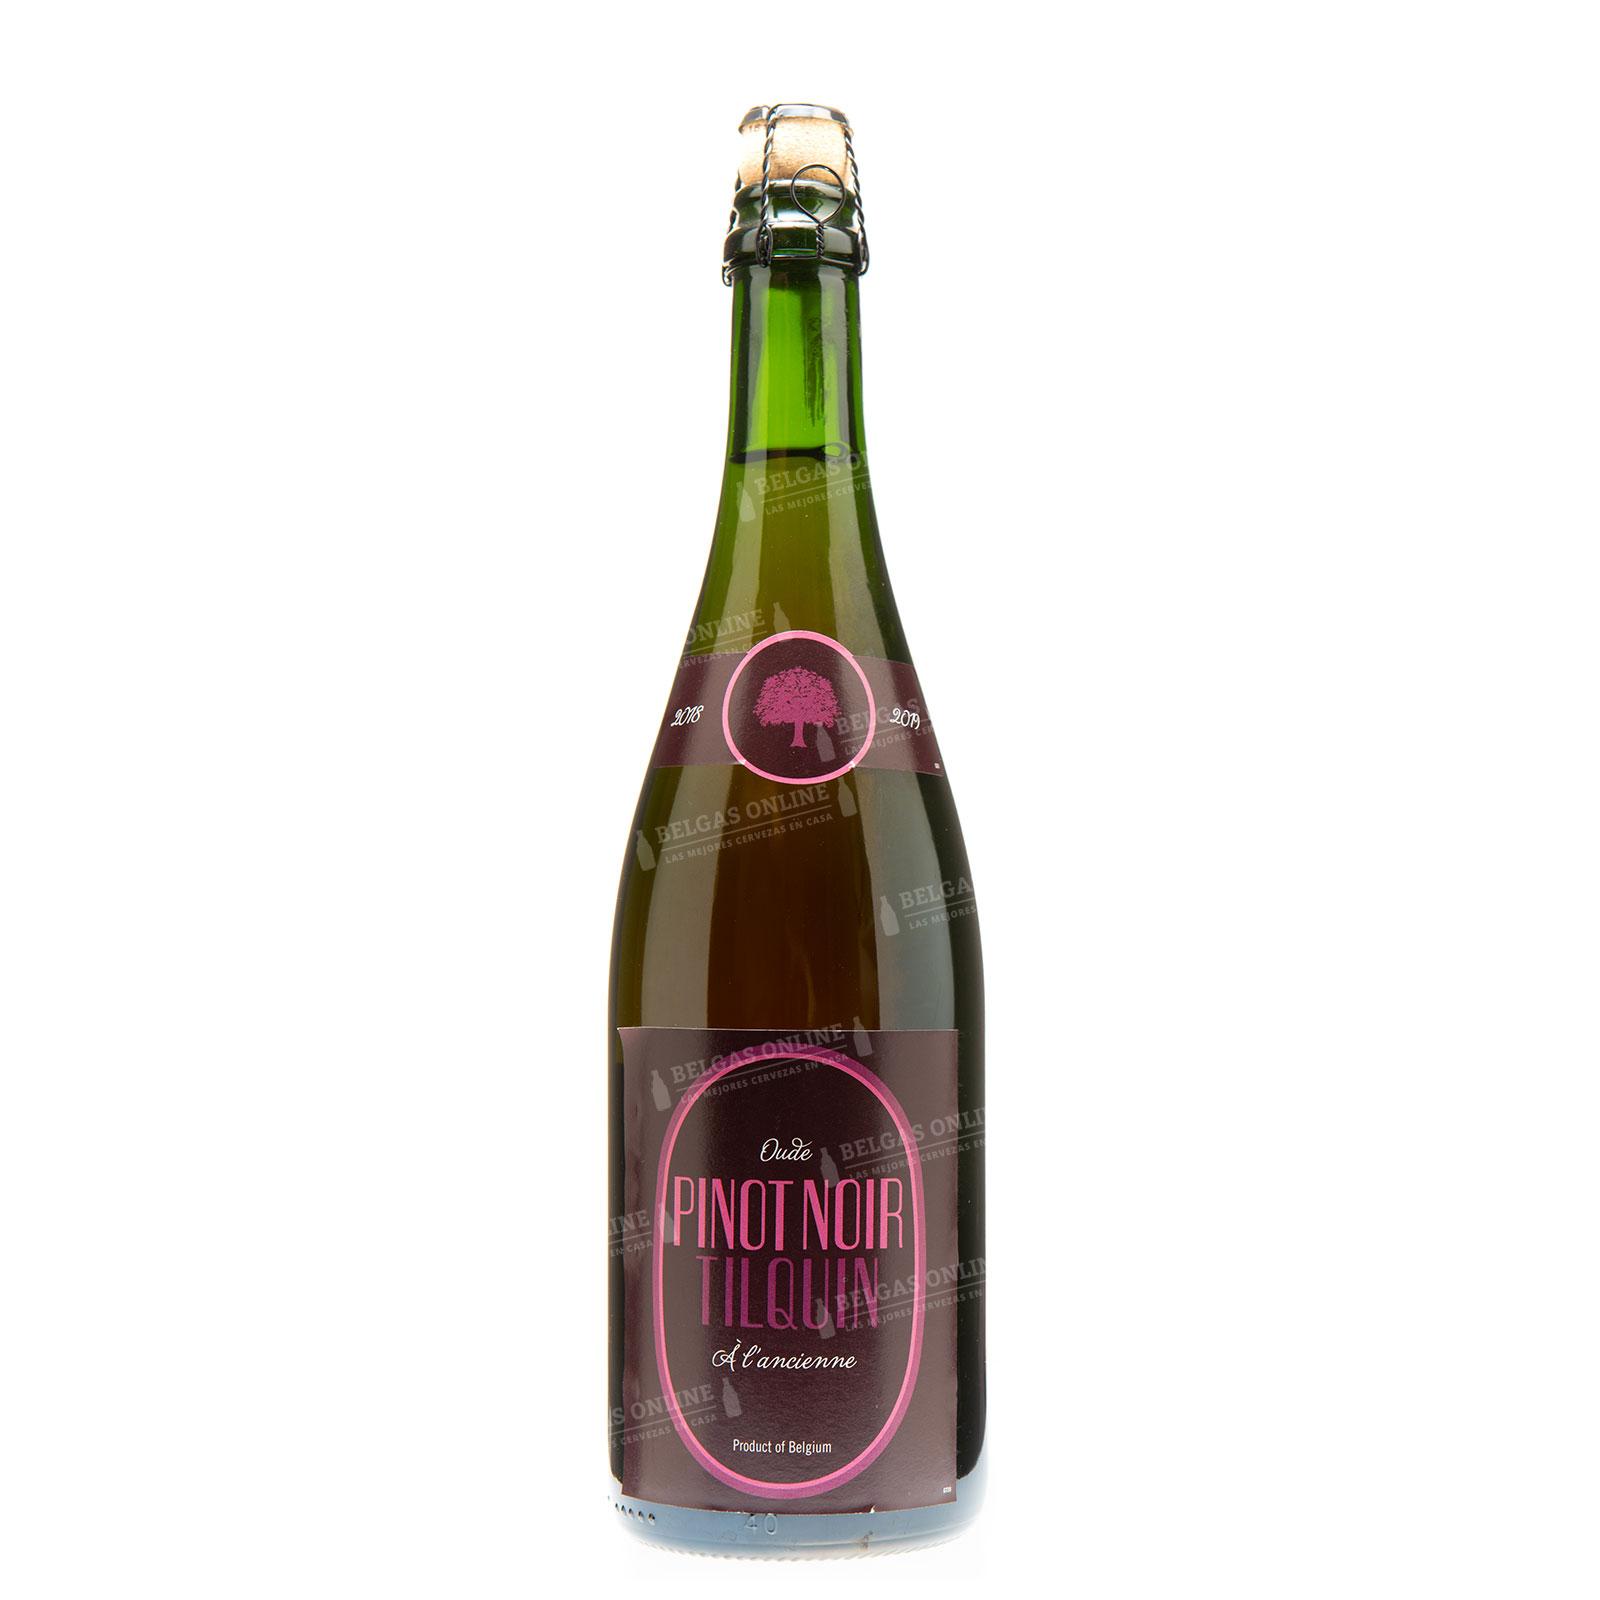 Tilquin Pinot Noir